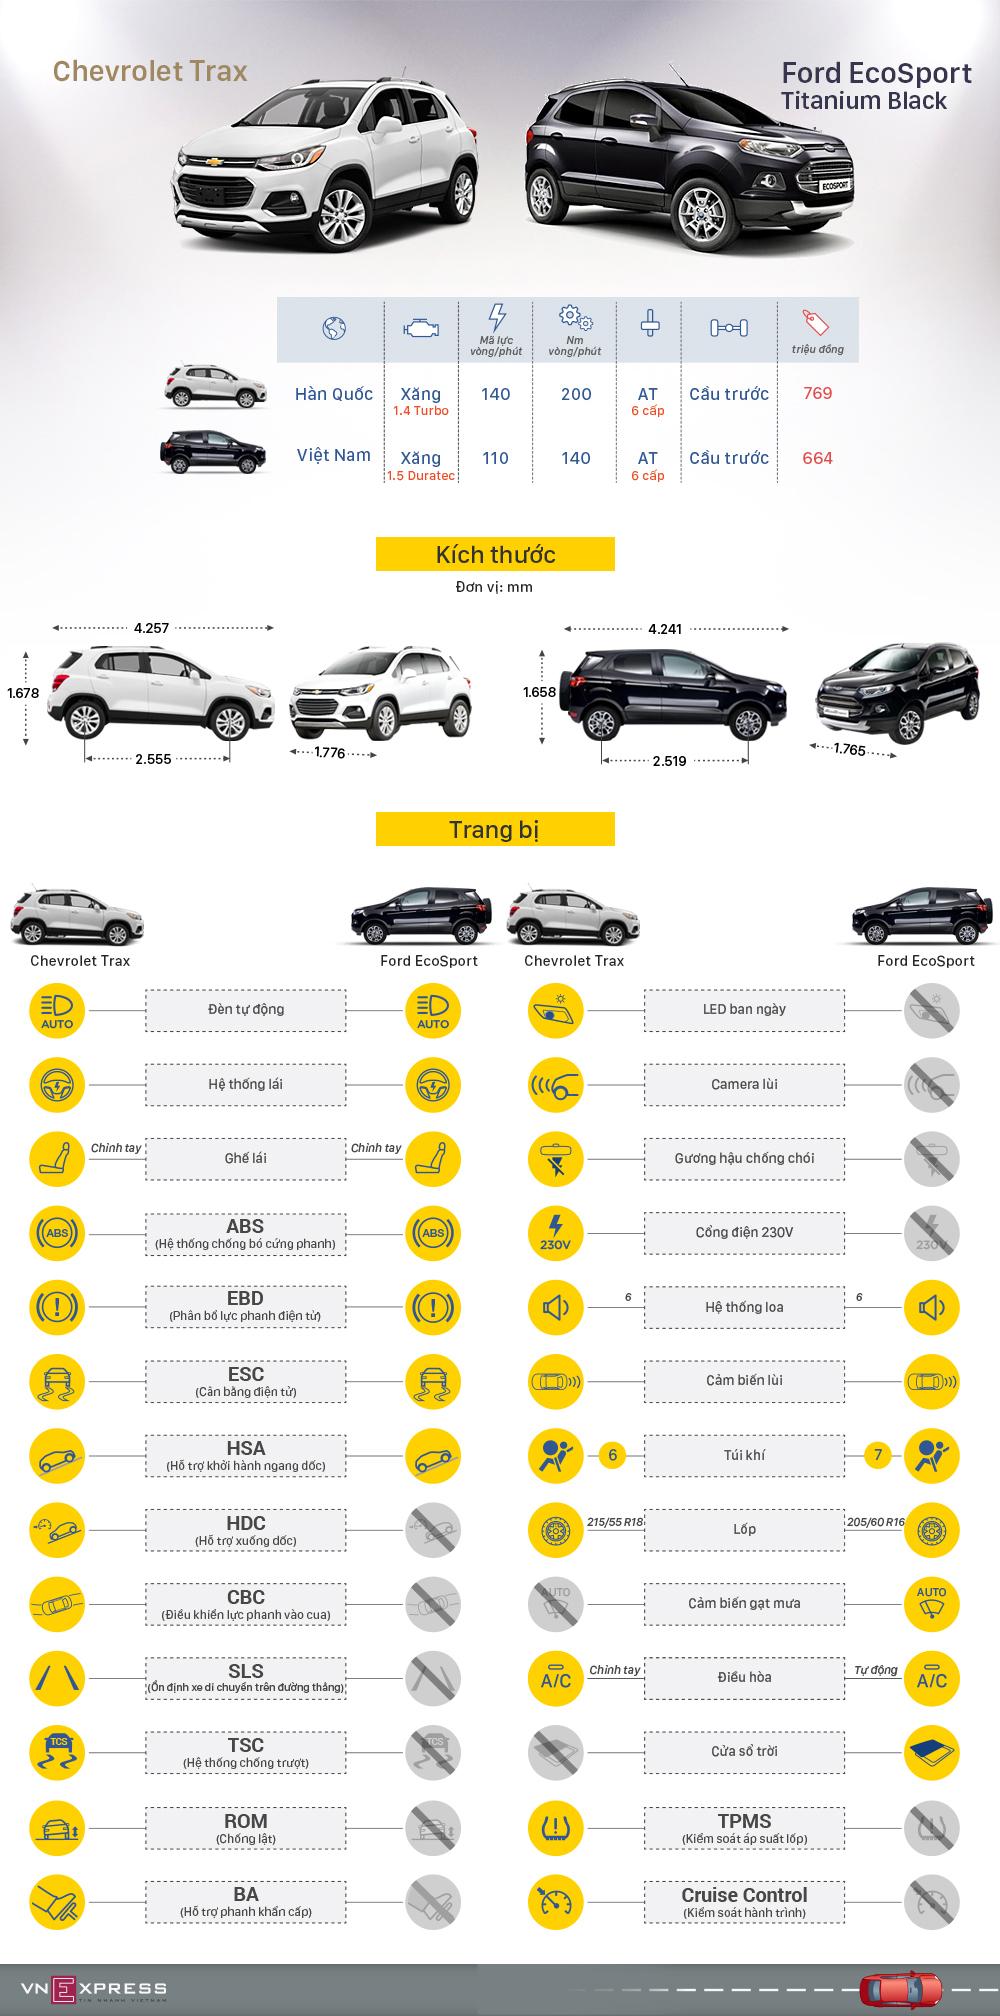 Chevrolet Trax và Ford EcoSport - cuộc chiến SUV đô thị 1